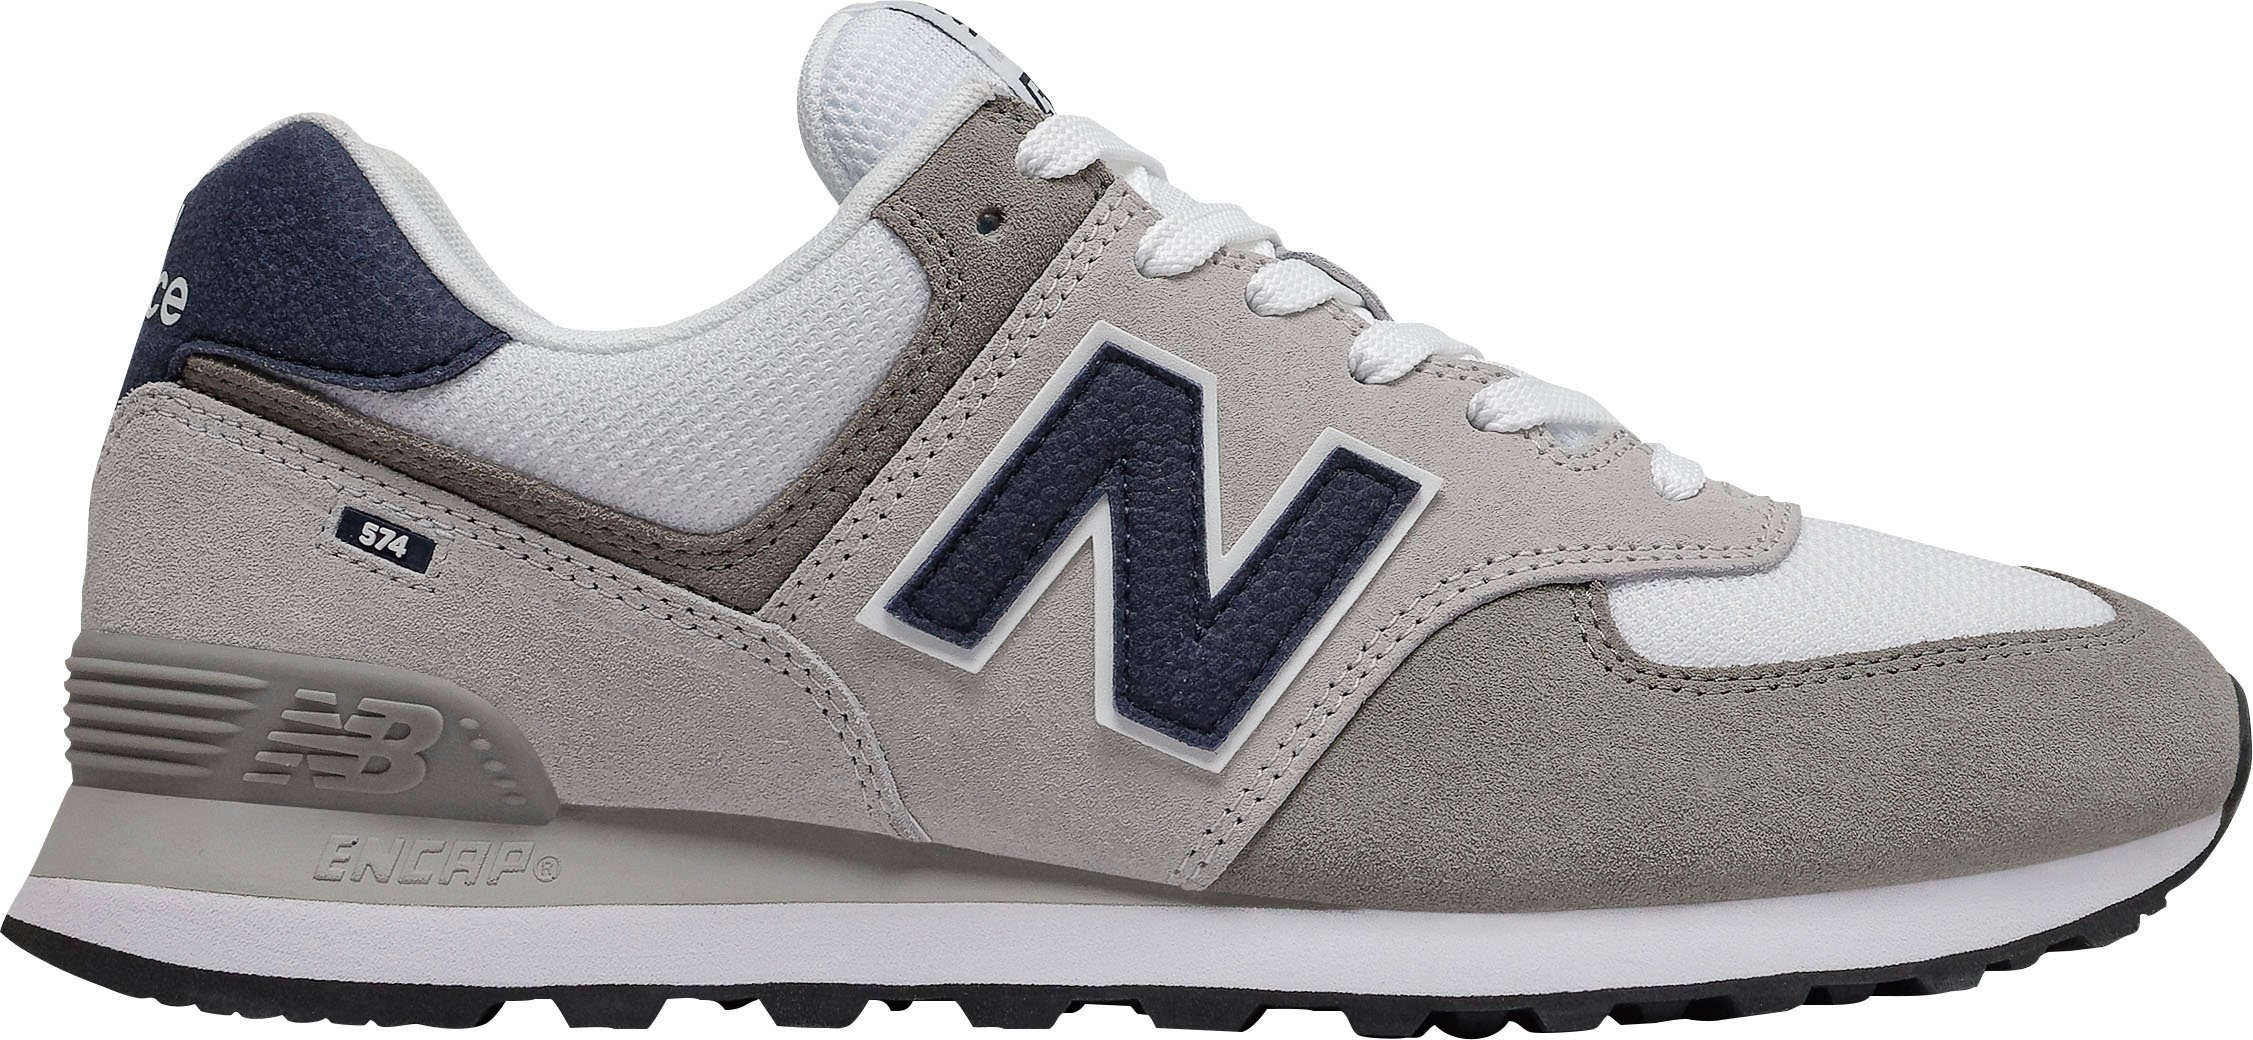 New Balance sneakers ML574 bestellen: 30 dagen bedenktijd